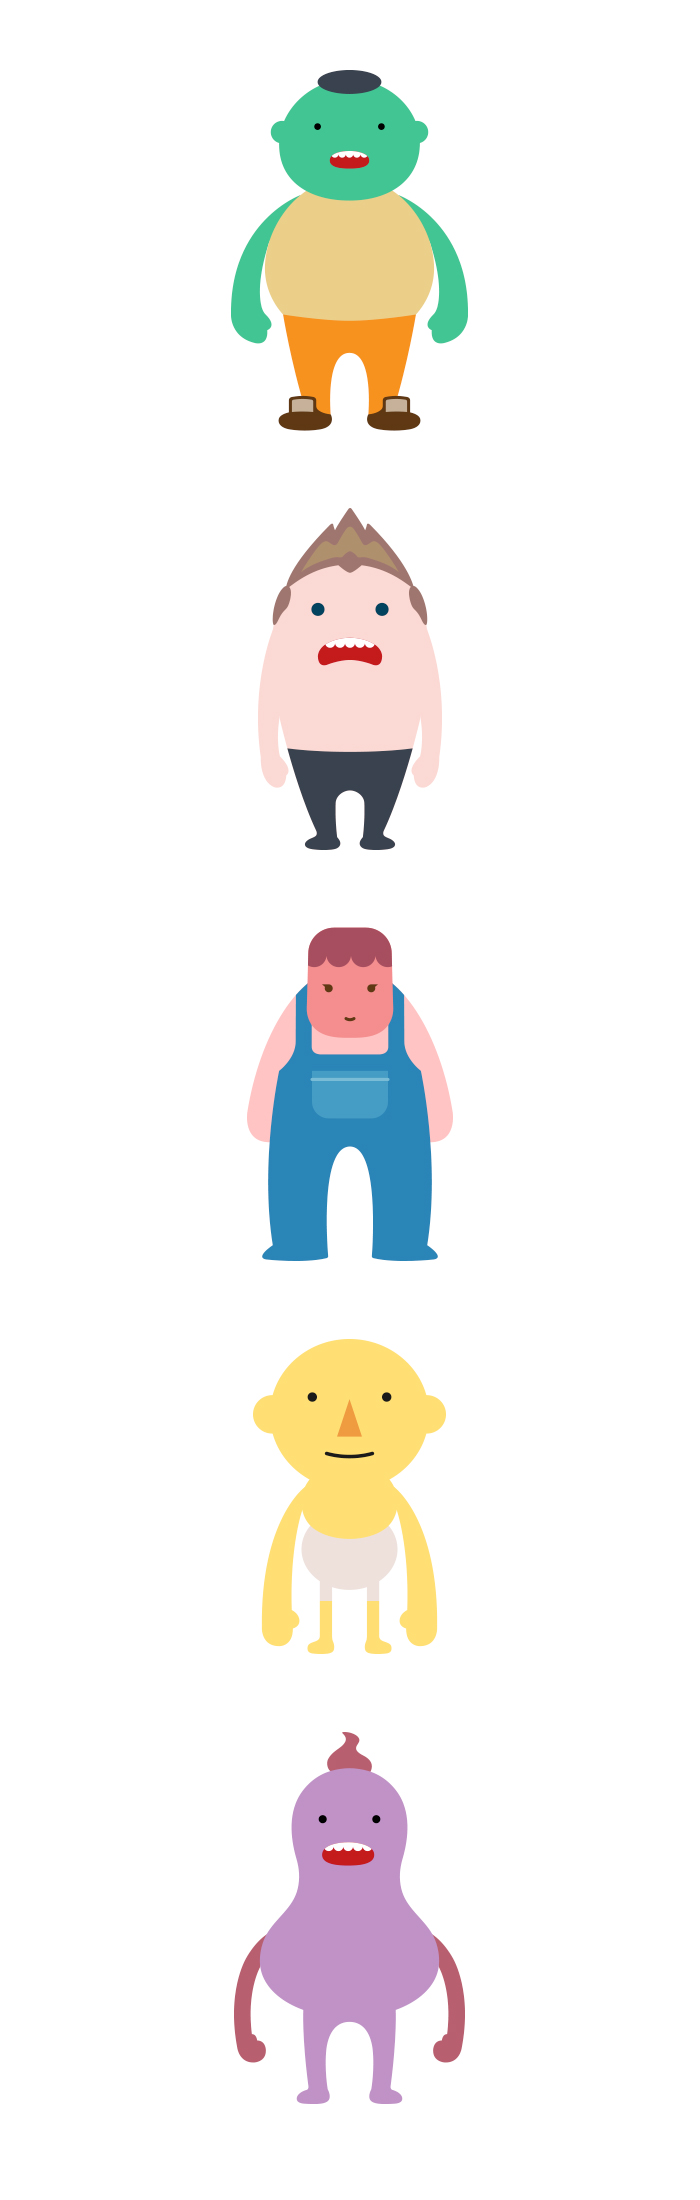 인포그래픽 활용 캐릭터 디자인 _ 안전재난 _ 서브